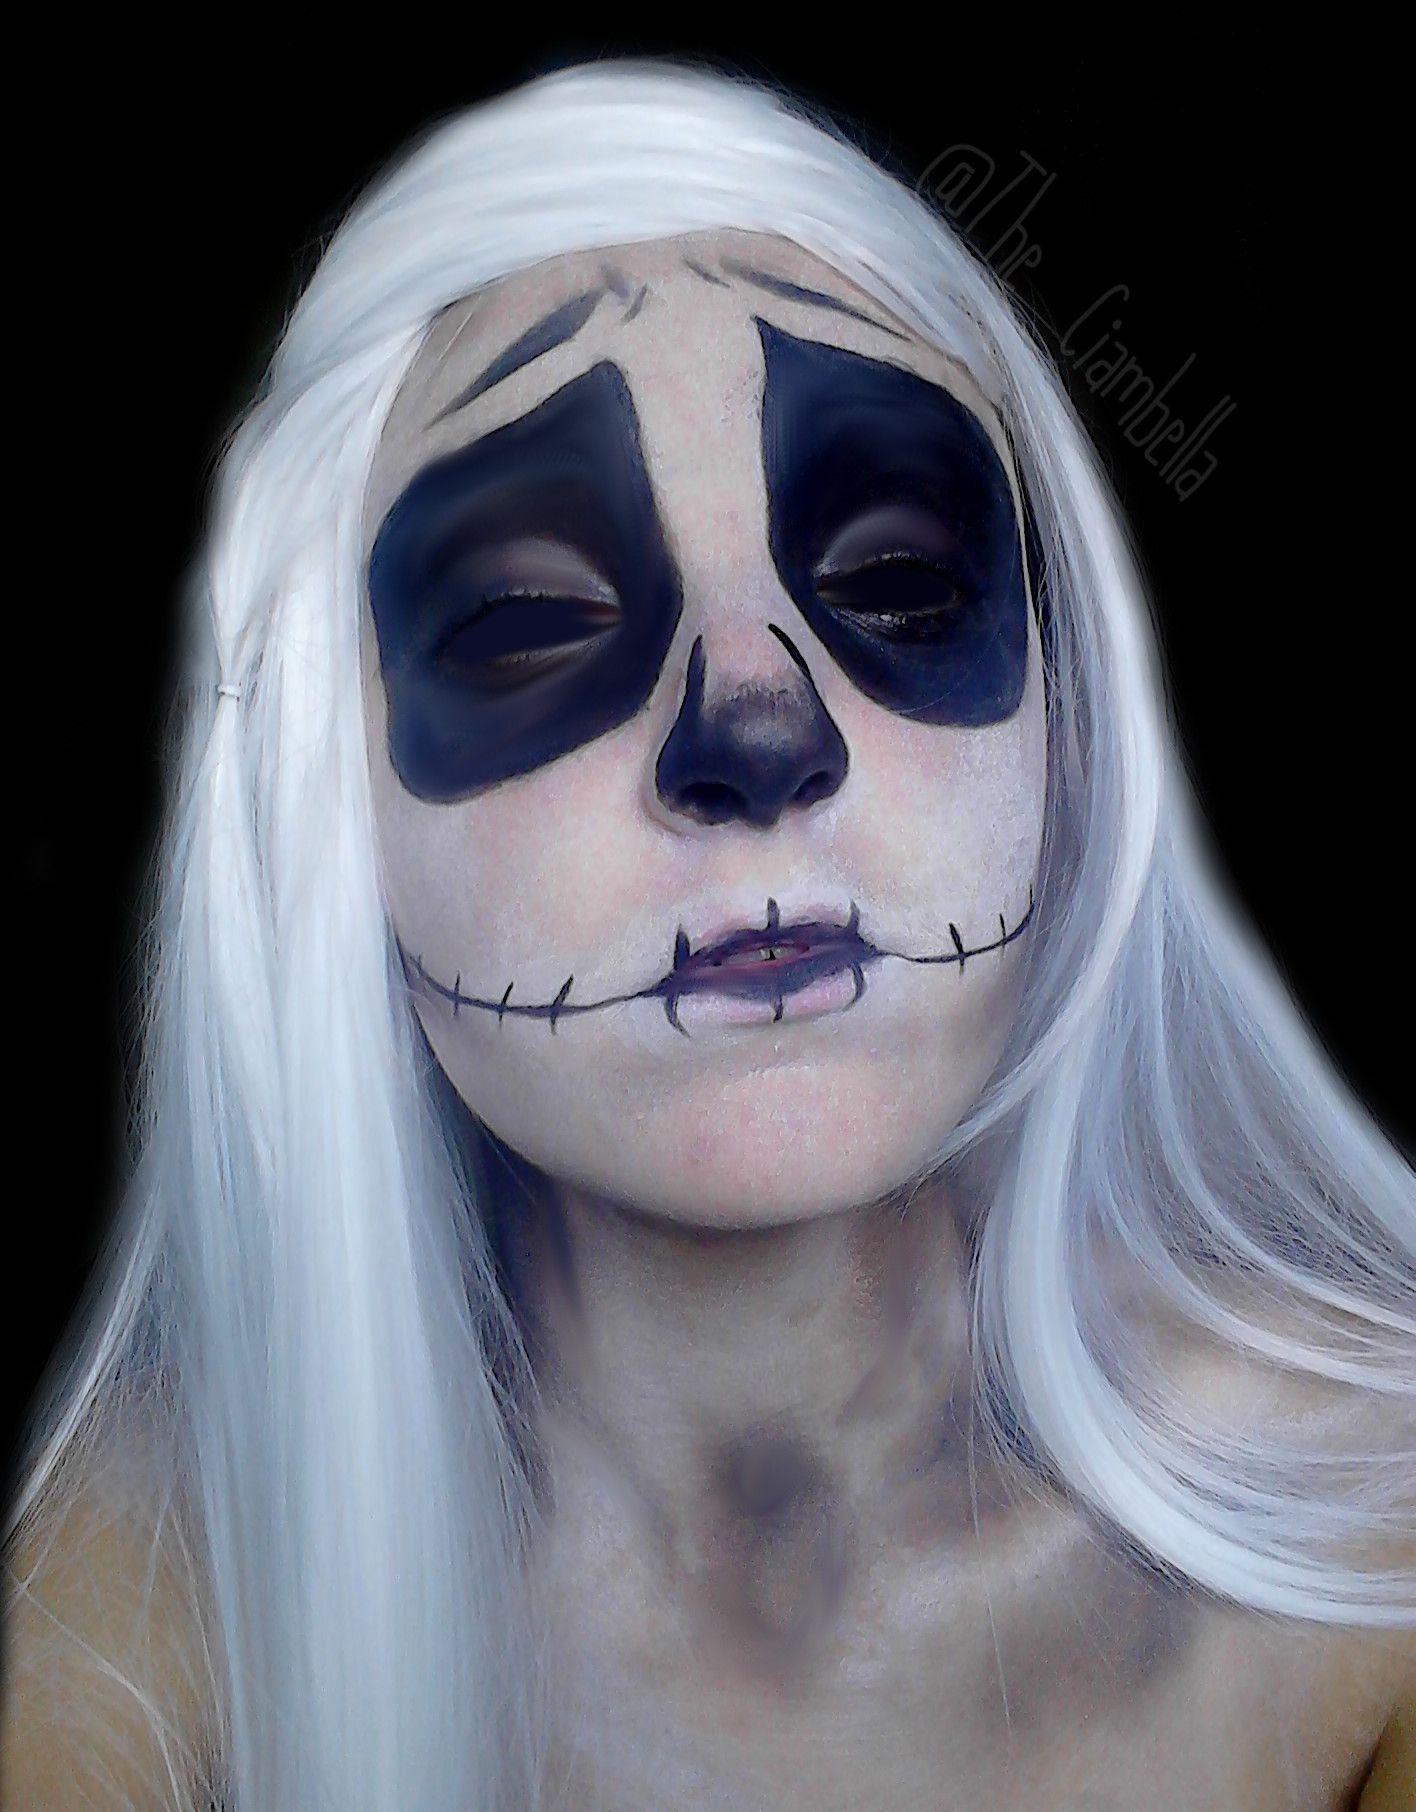 Jack Skellington Makeup D Makeup, Halloween face makeup